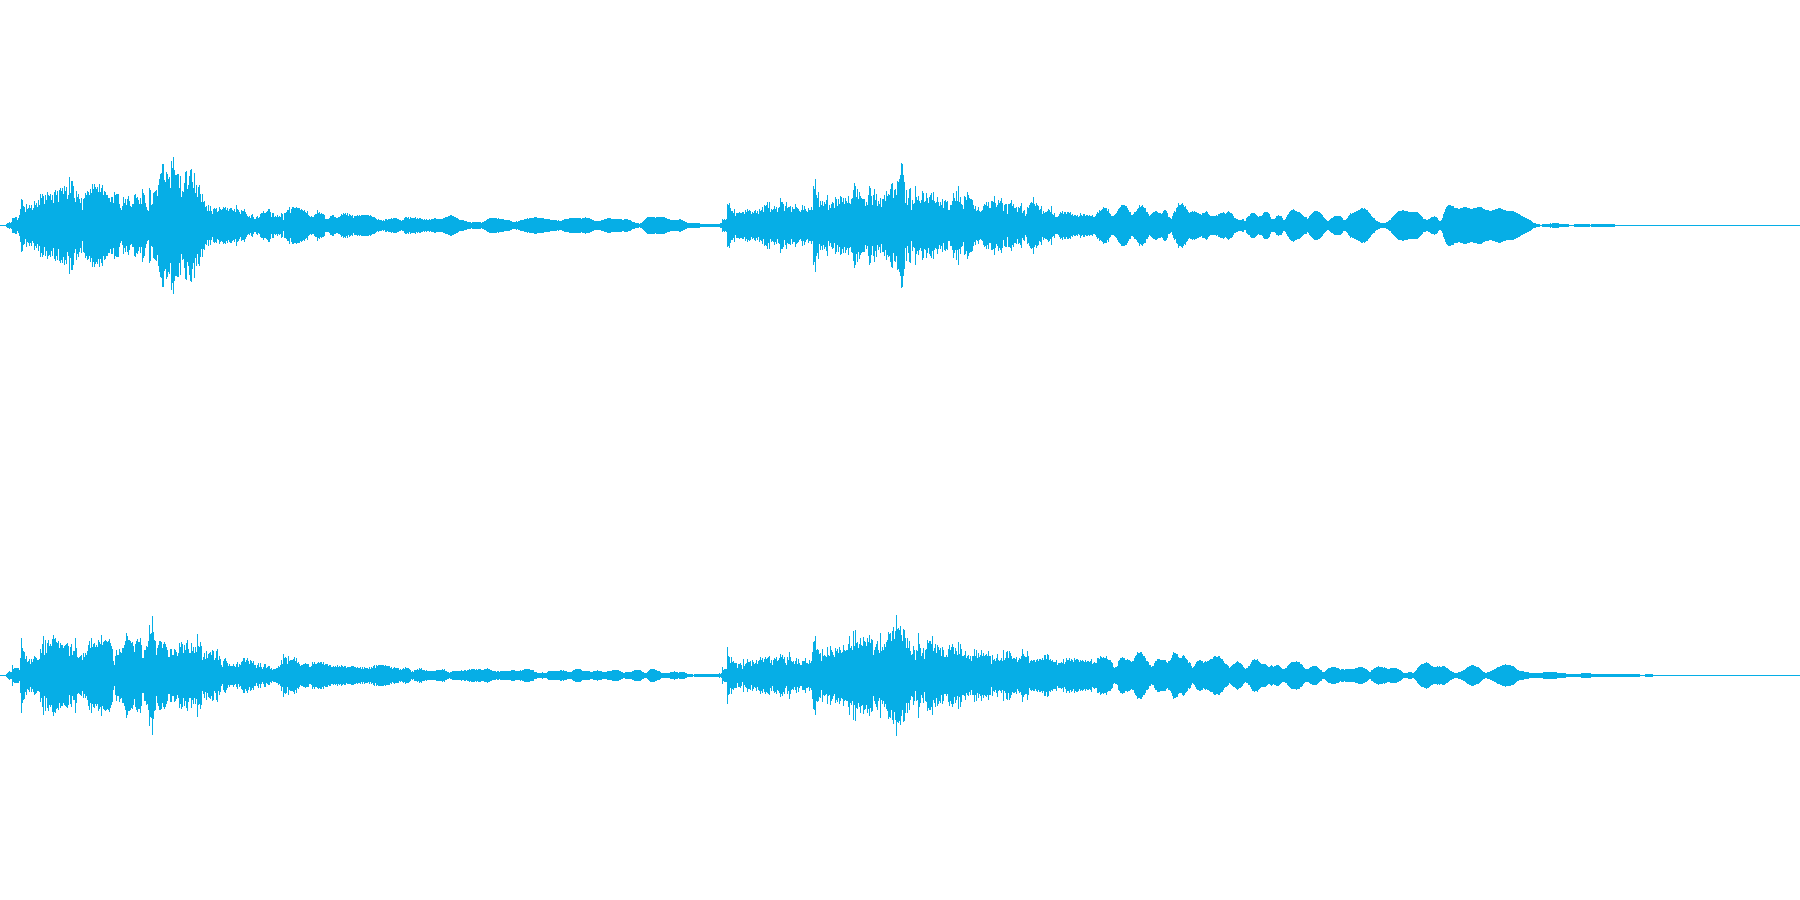 和風ジングル(時代劇風)の再生済みの波形